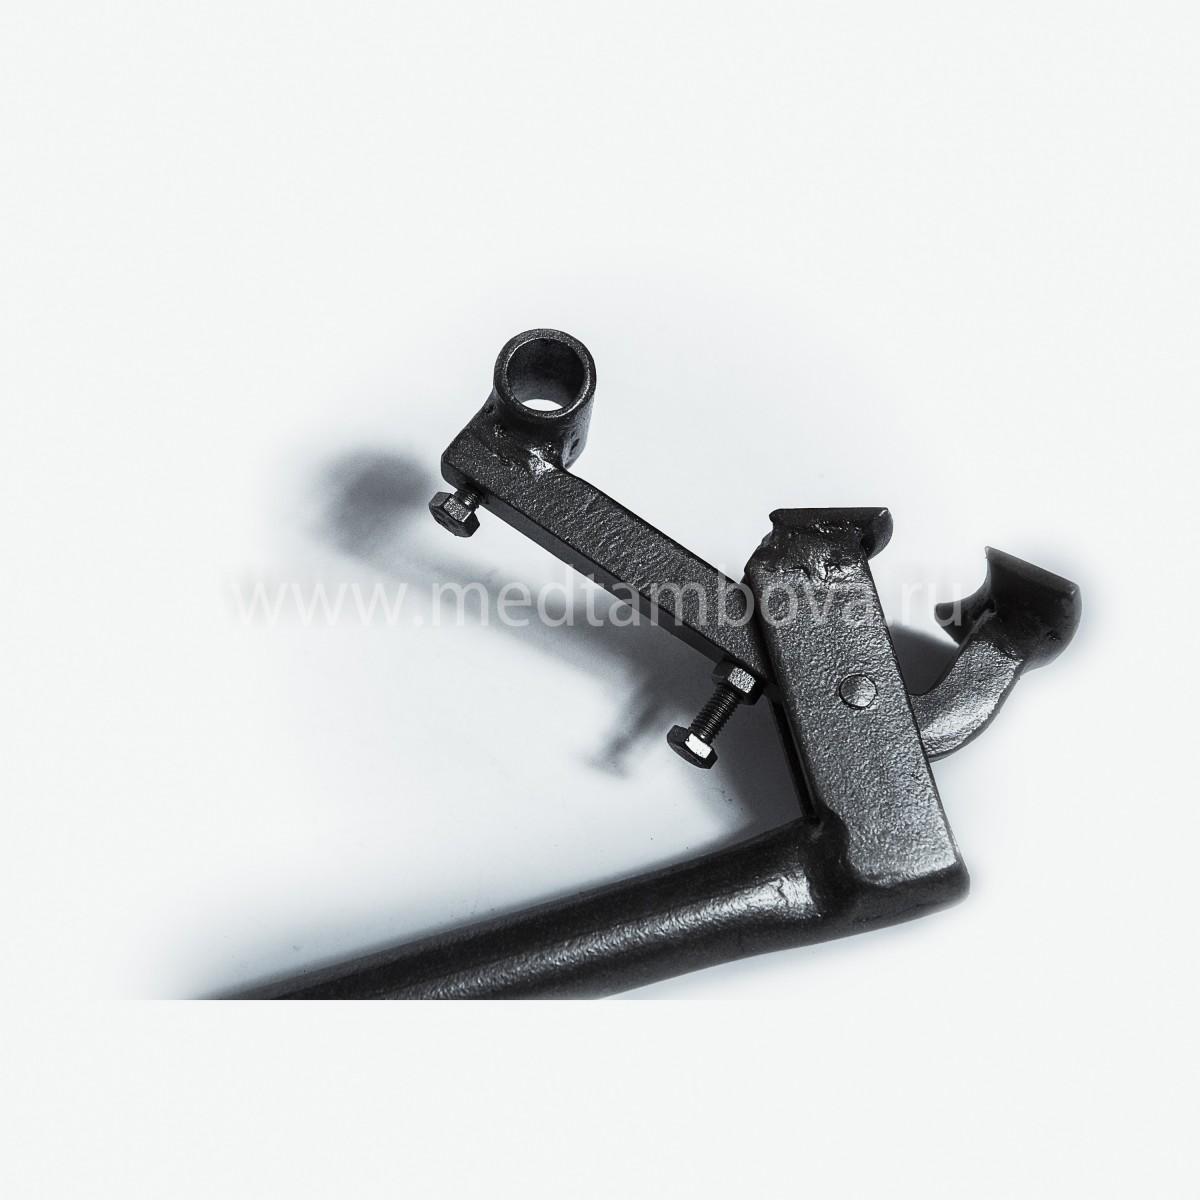 Ключ для открывания куботейнеров